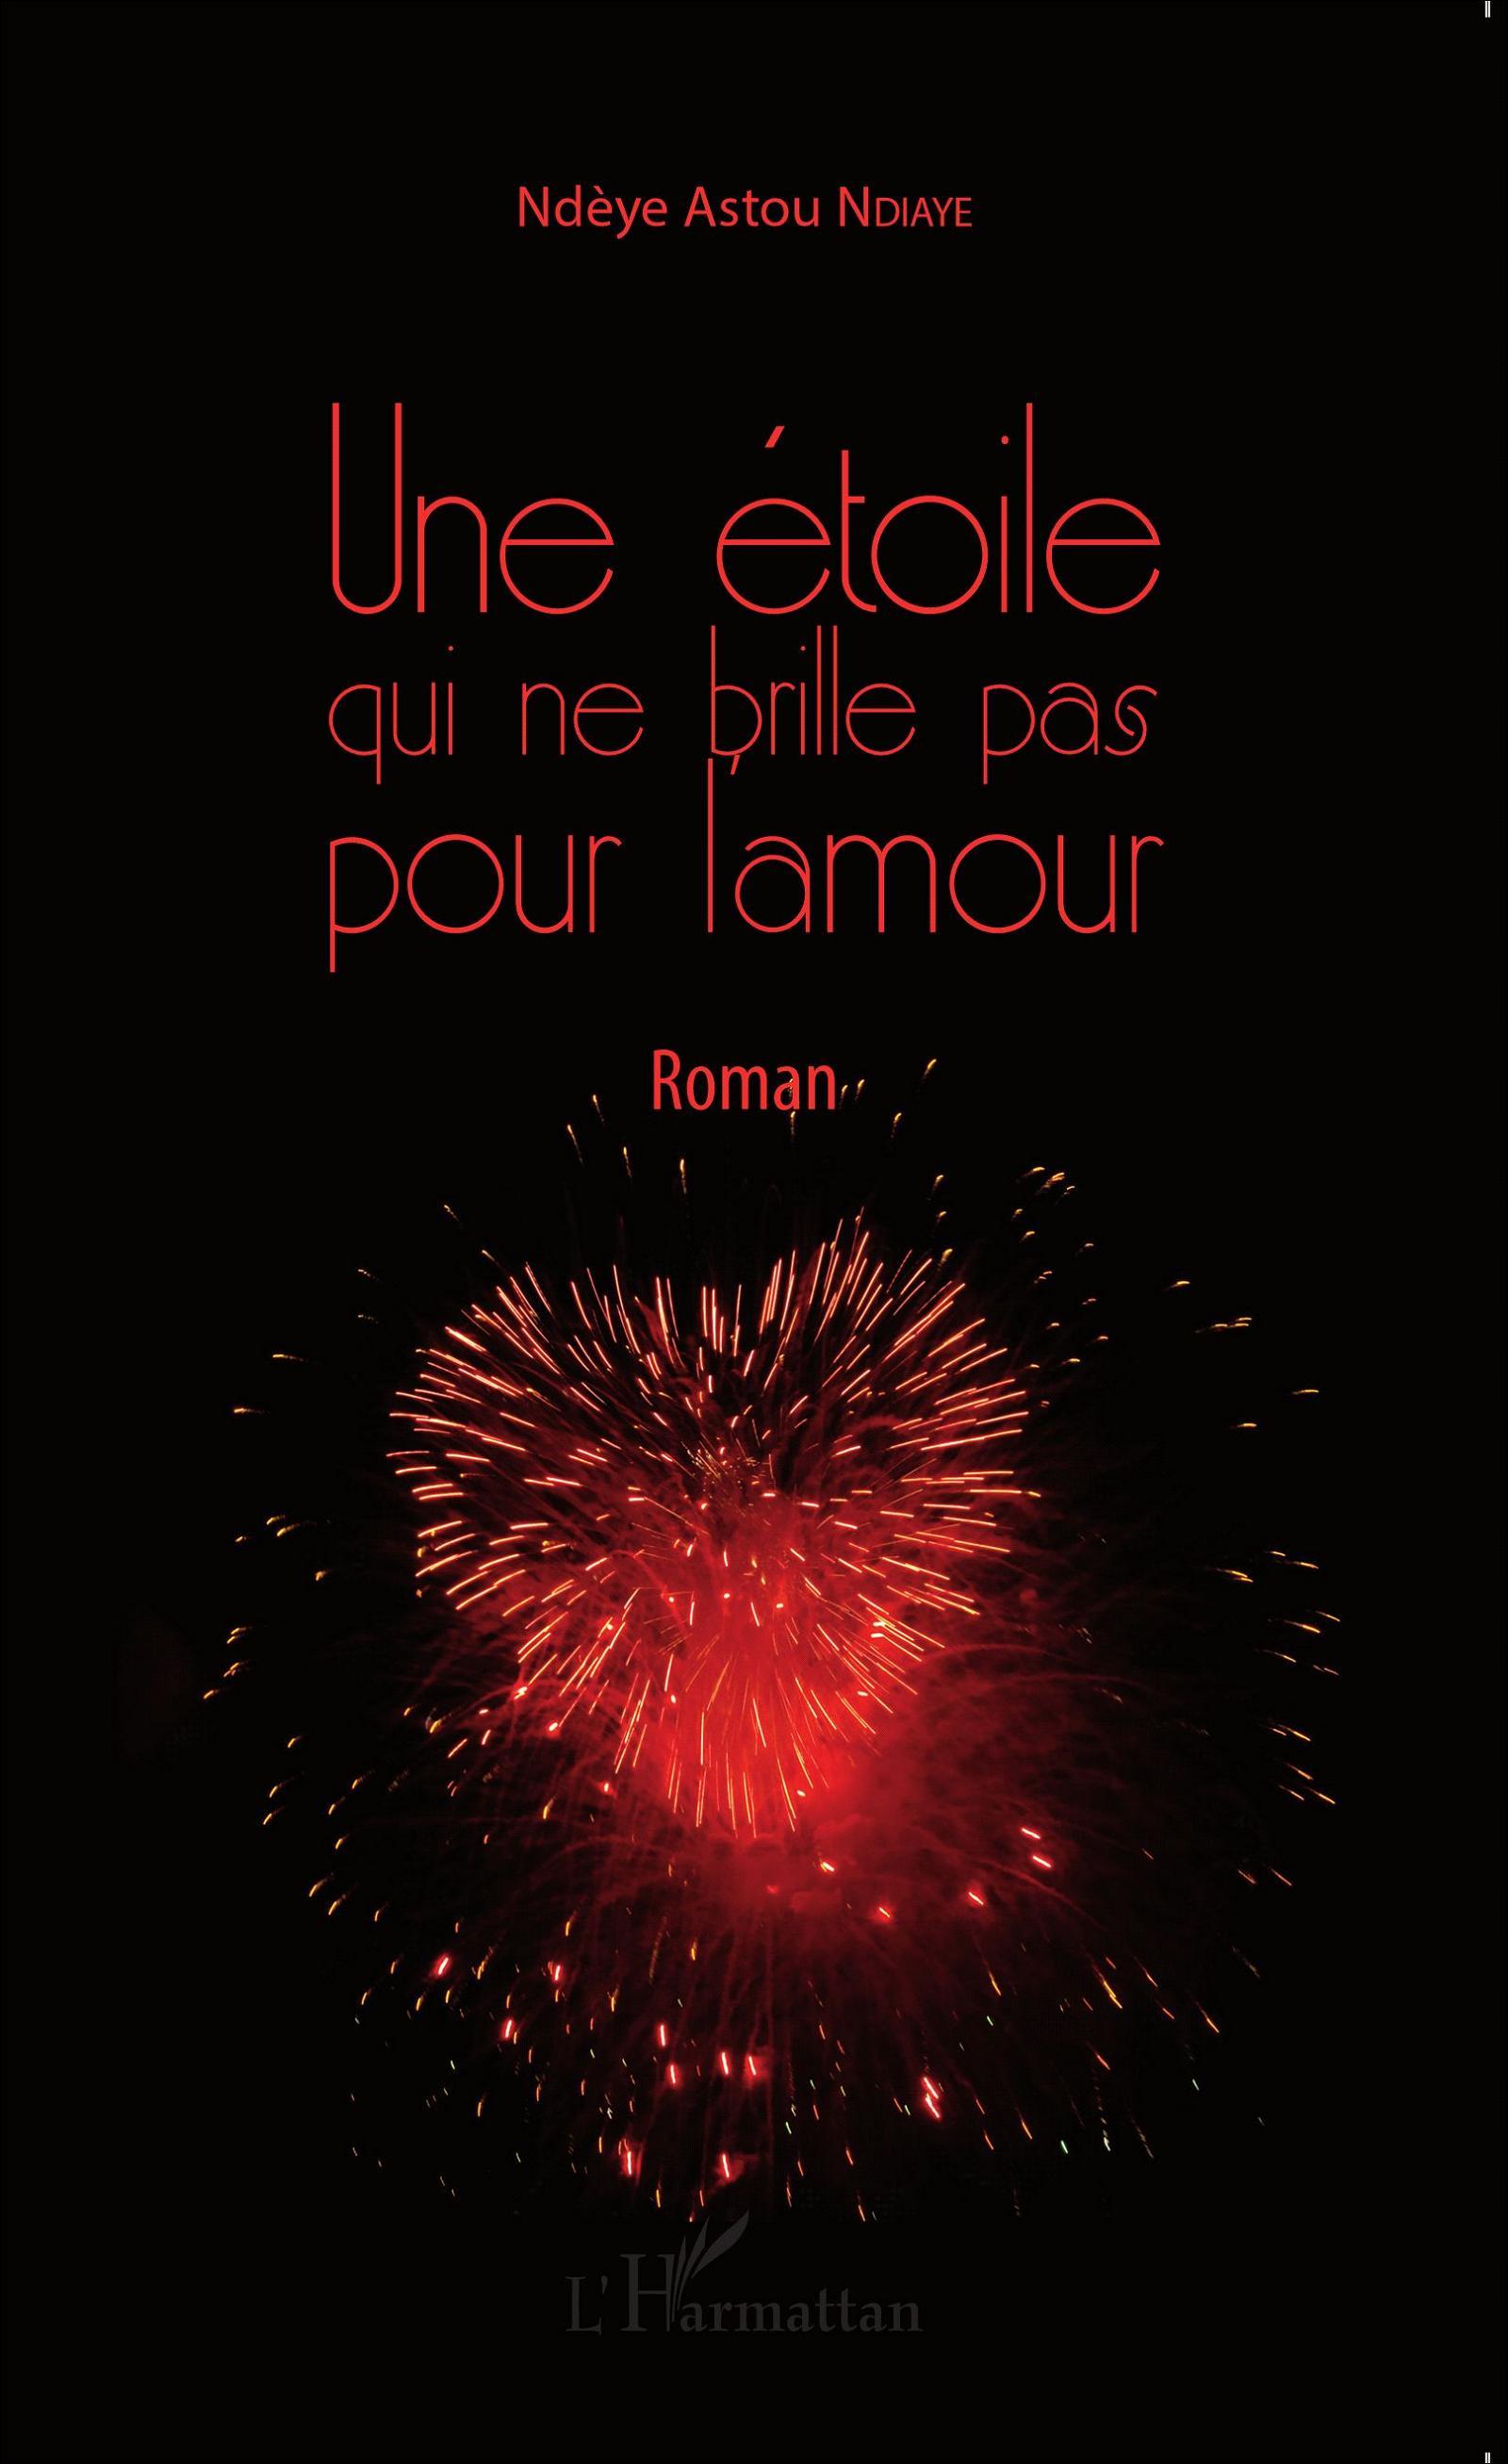 Une étoile Qui Ne Brille Pas Pour Lamour Roman Ndèye Astou